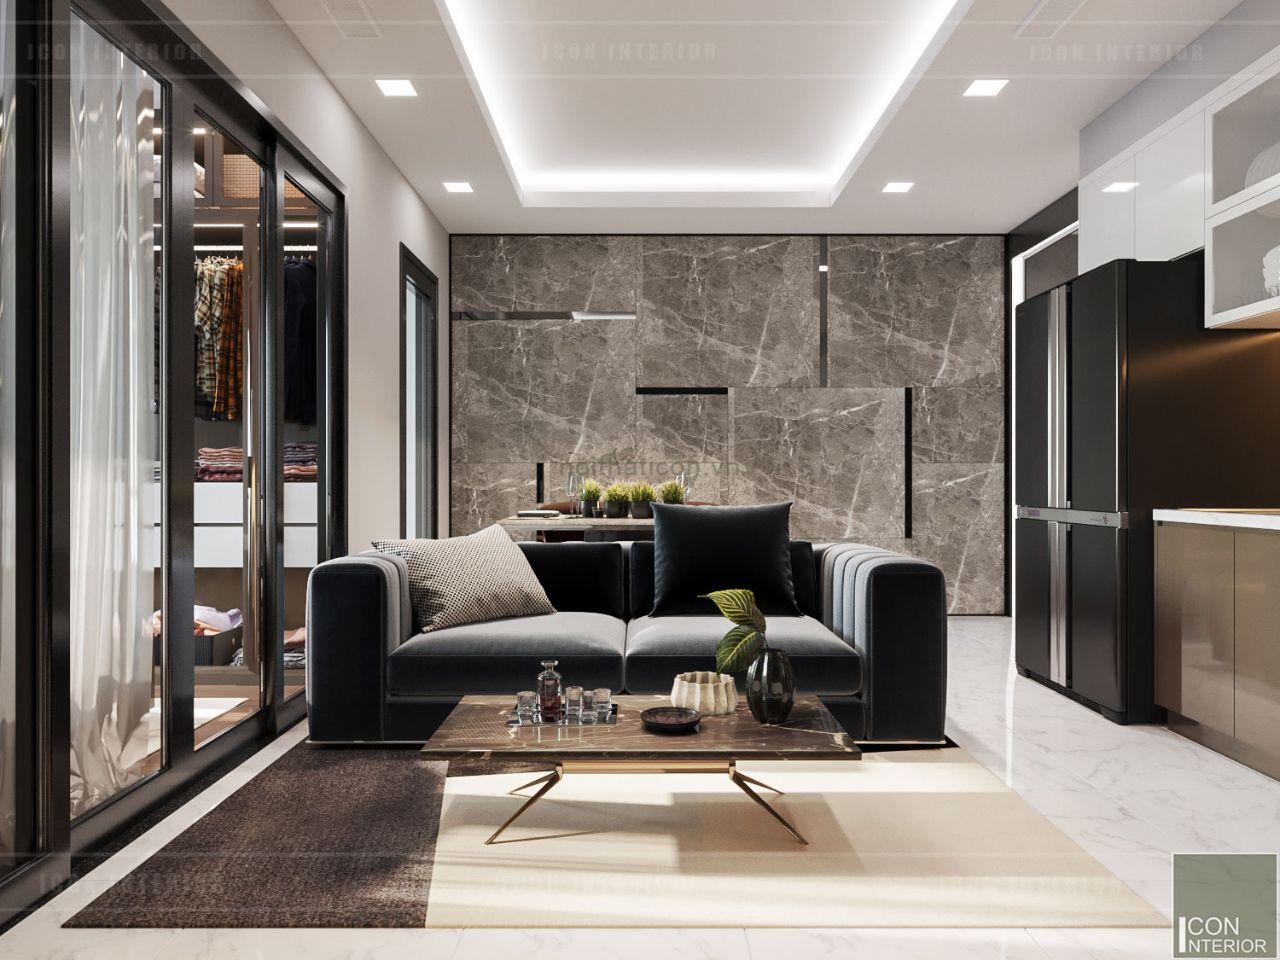 trang trí nội thất căn hộ 60m2